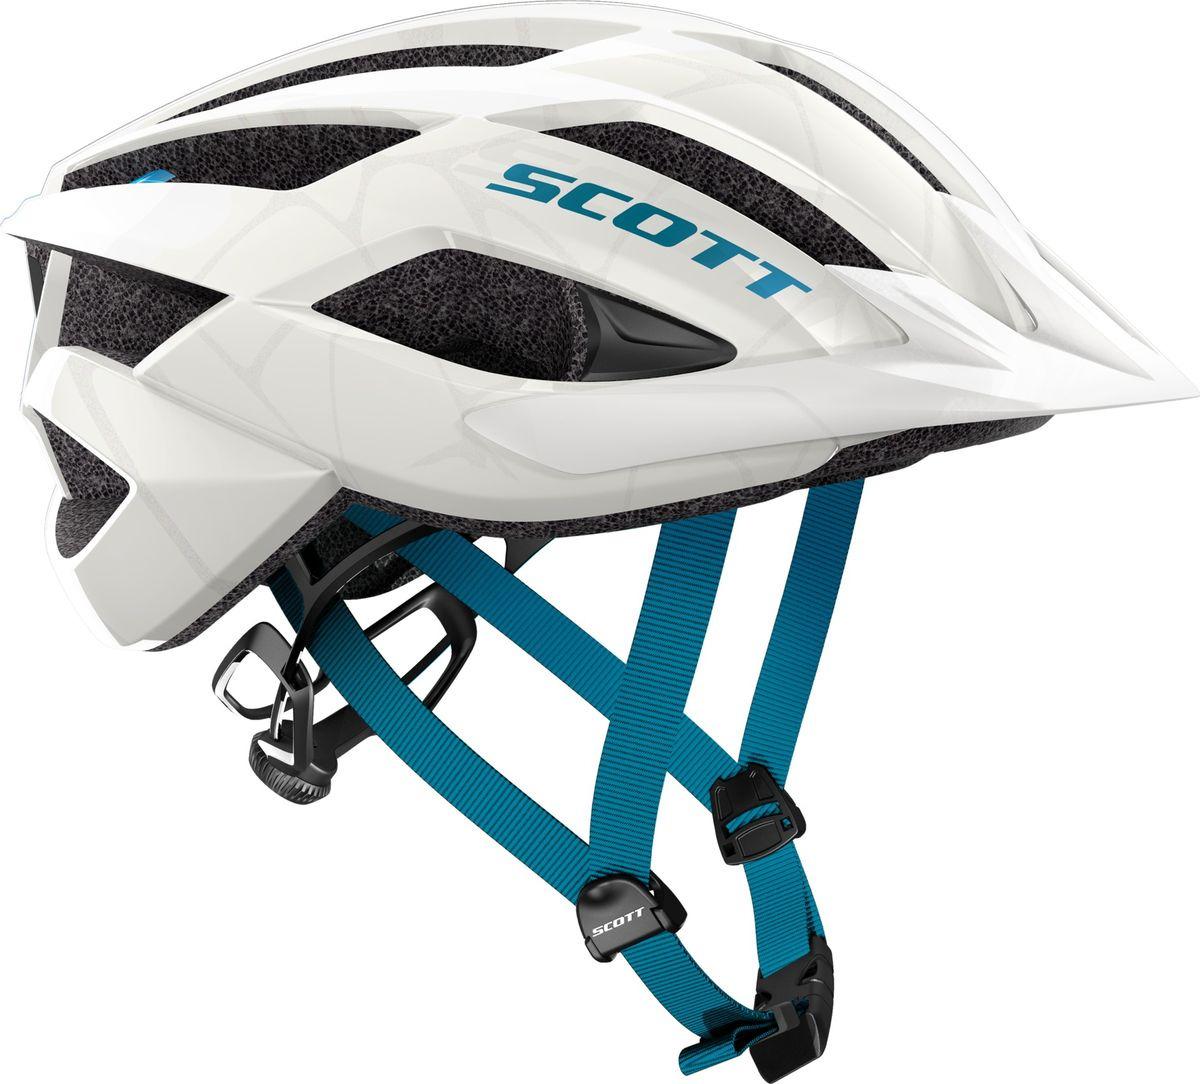 Шлем защитный Scott Arx MTB, 241254-2979, белый, размер M (55/59) цены